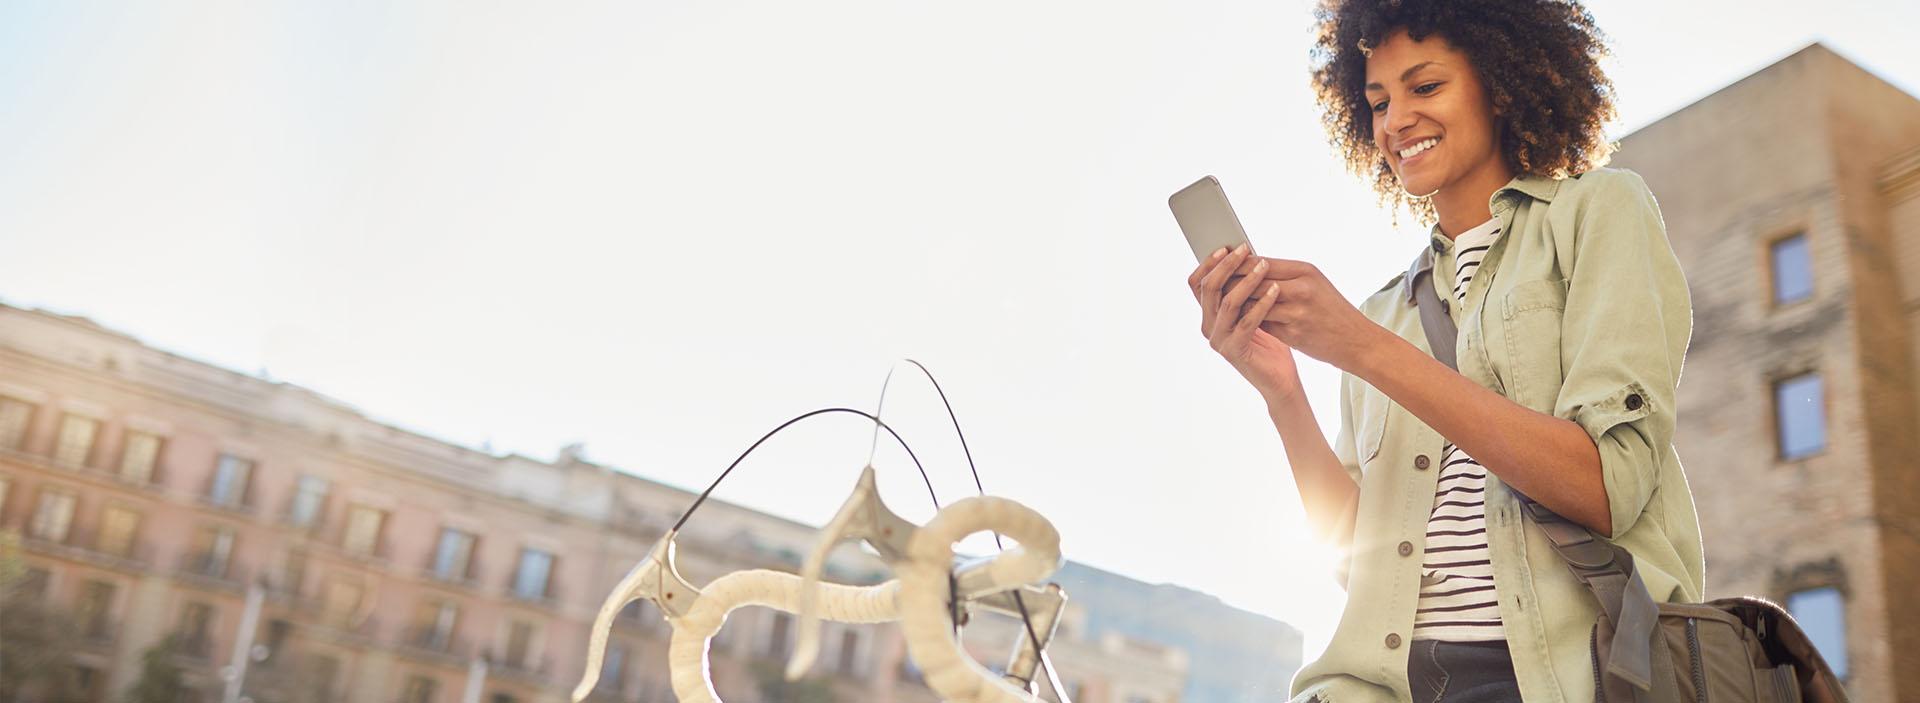 Fragen der Zeit: Gibts Click und Collect eigentlich auch für Reisemomente?